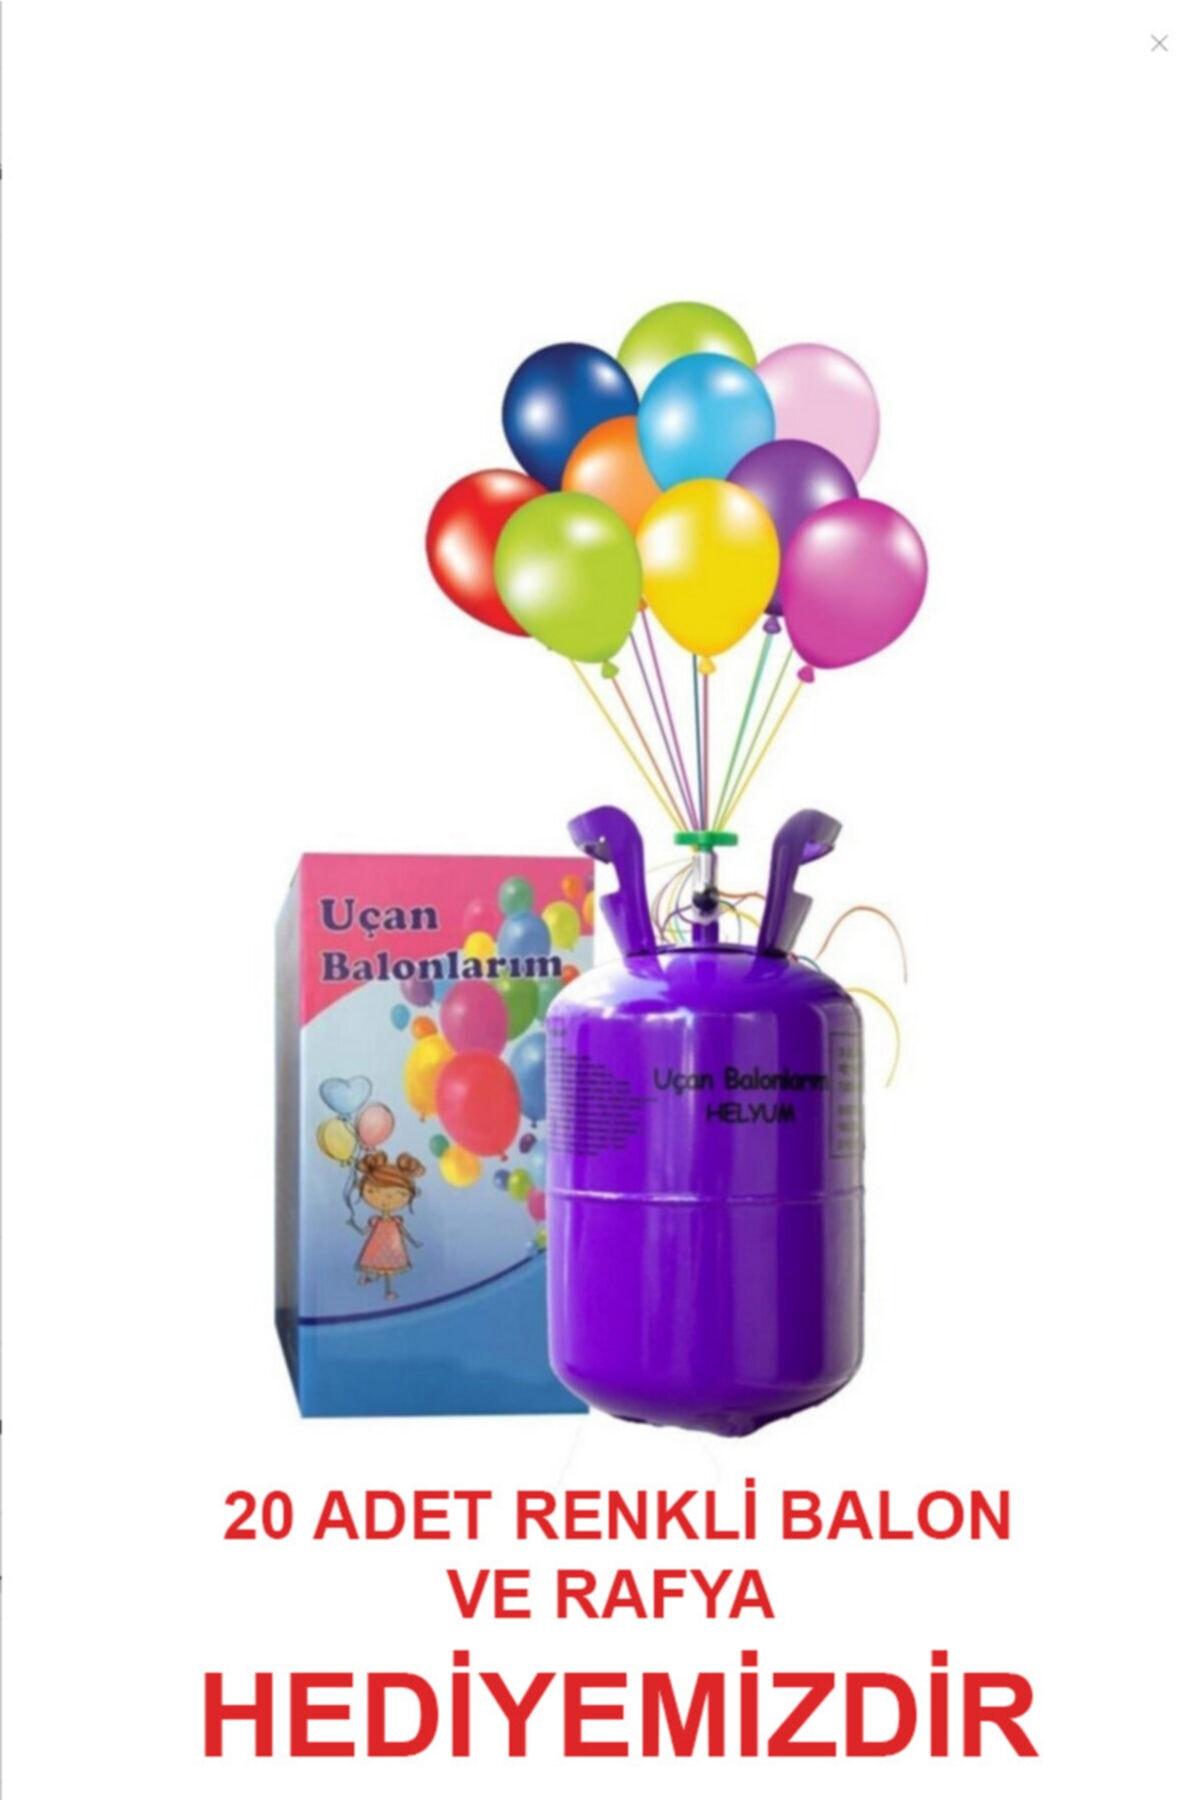 Helyum Tüpü Kullan At (balon Gazı 20 Adet Metalik Karışık Renk Balon Ve Ipi Ile Birlikte)